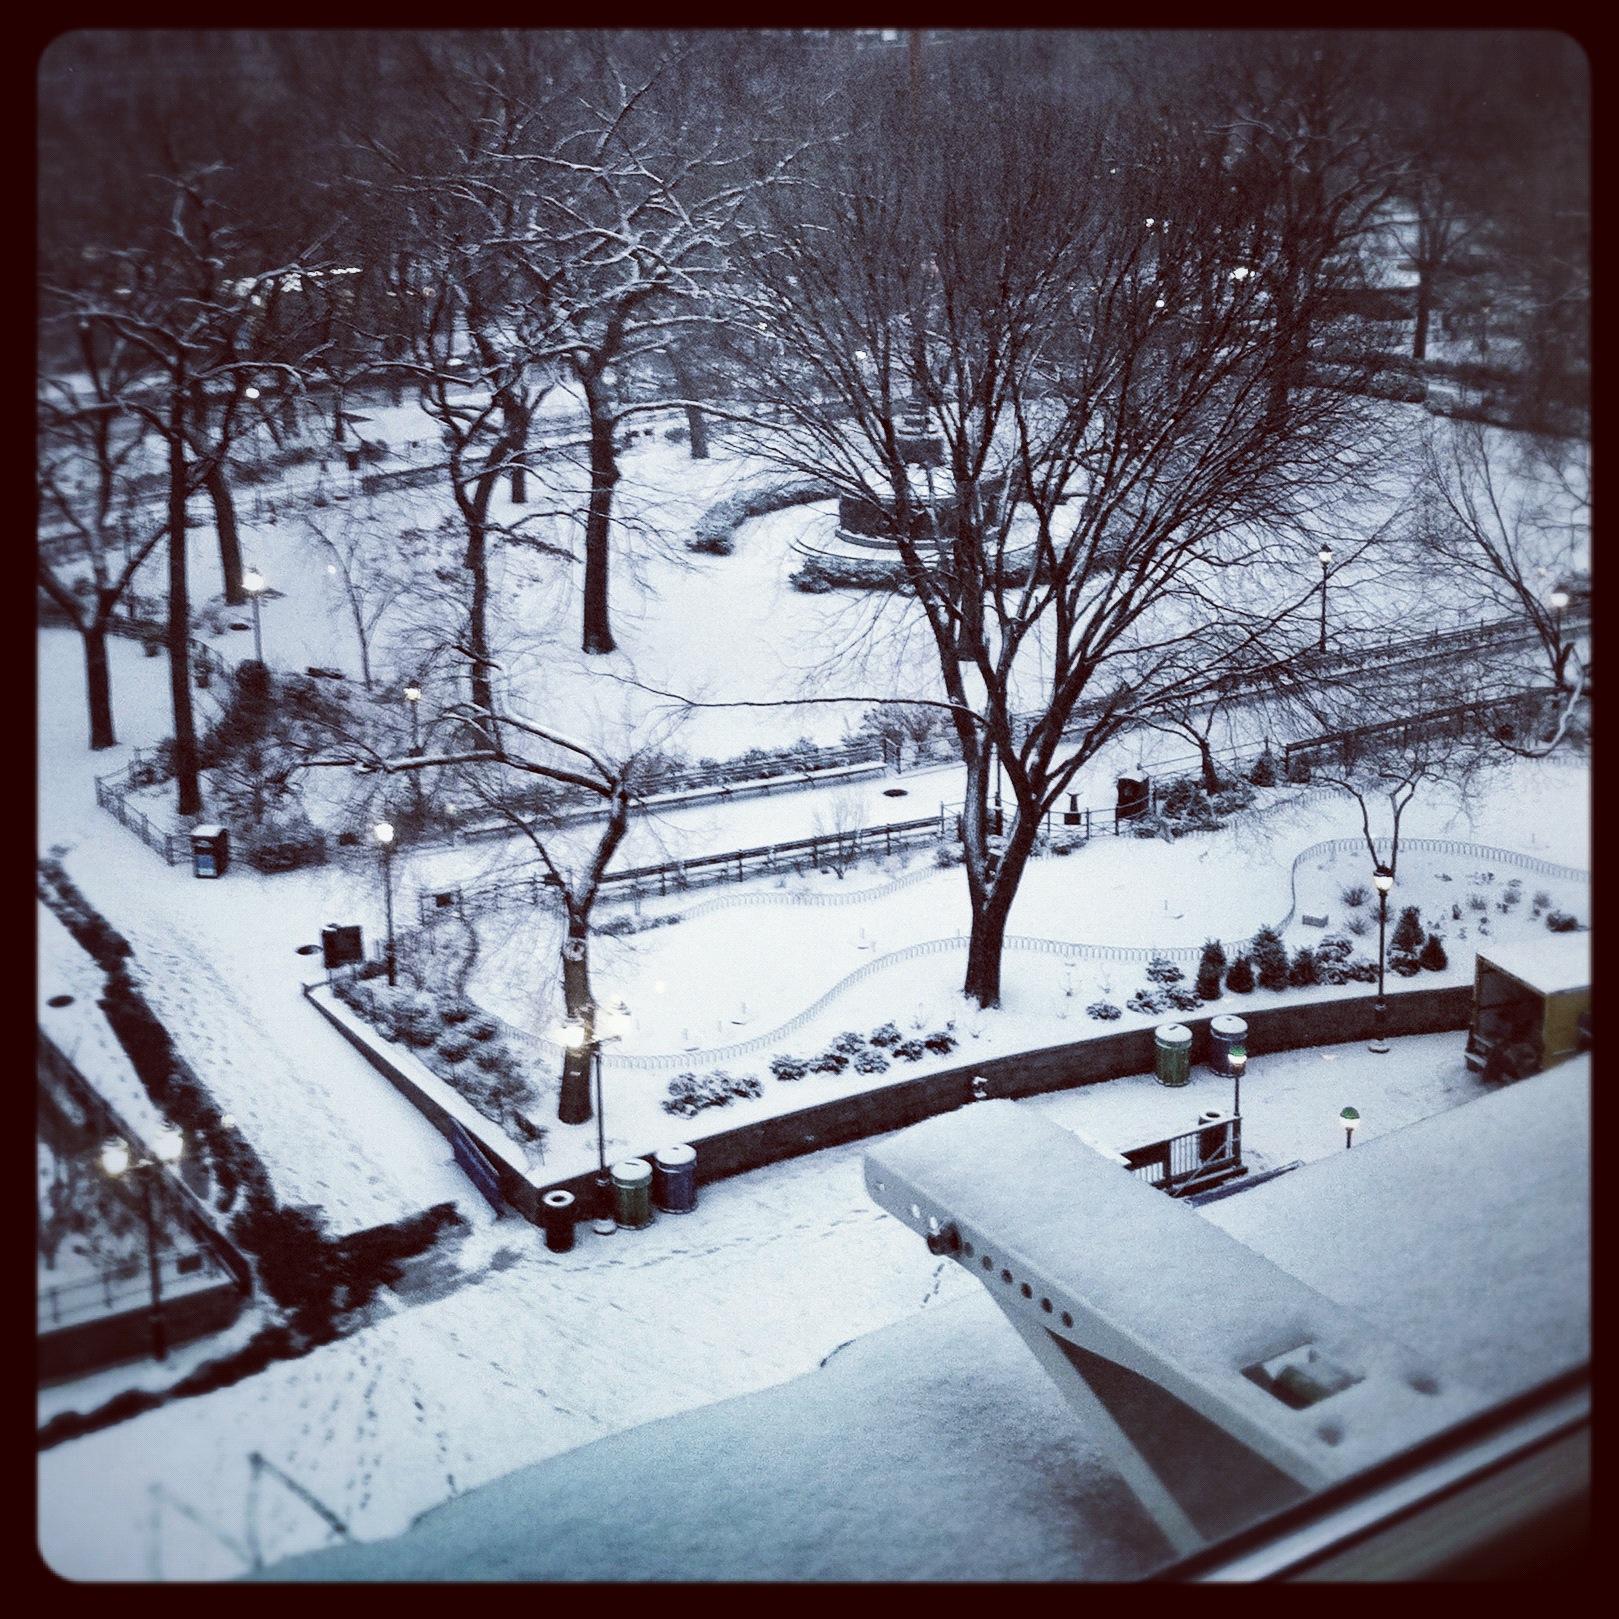 2012 Snow In Photos